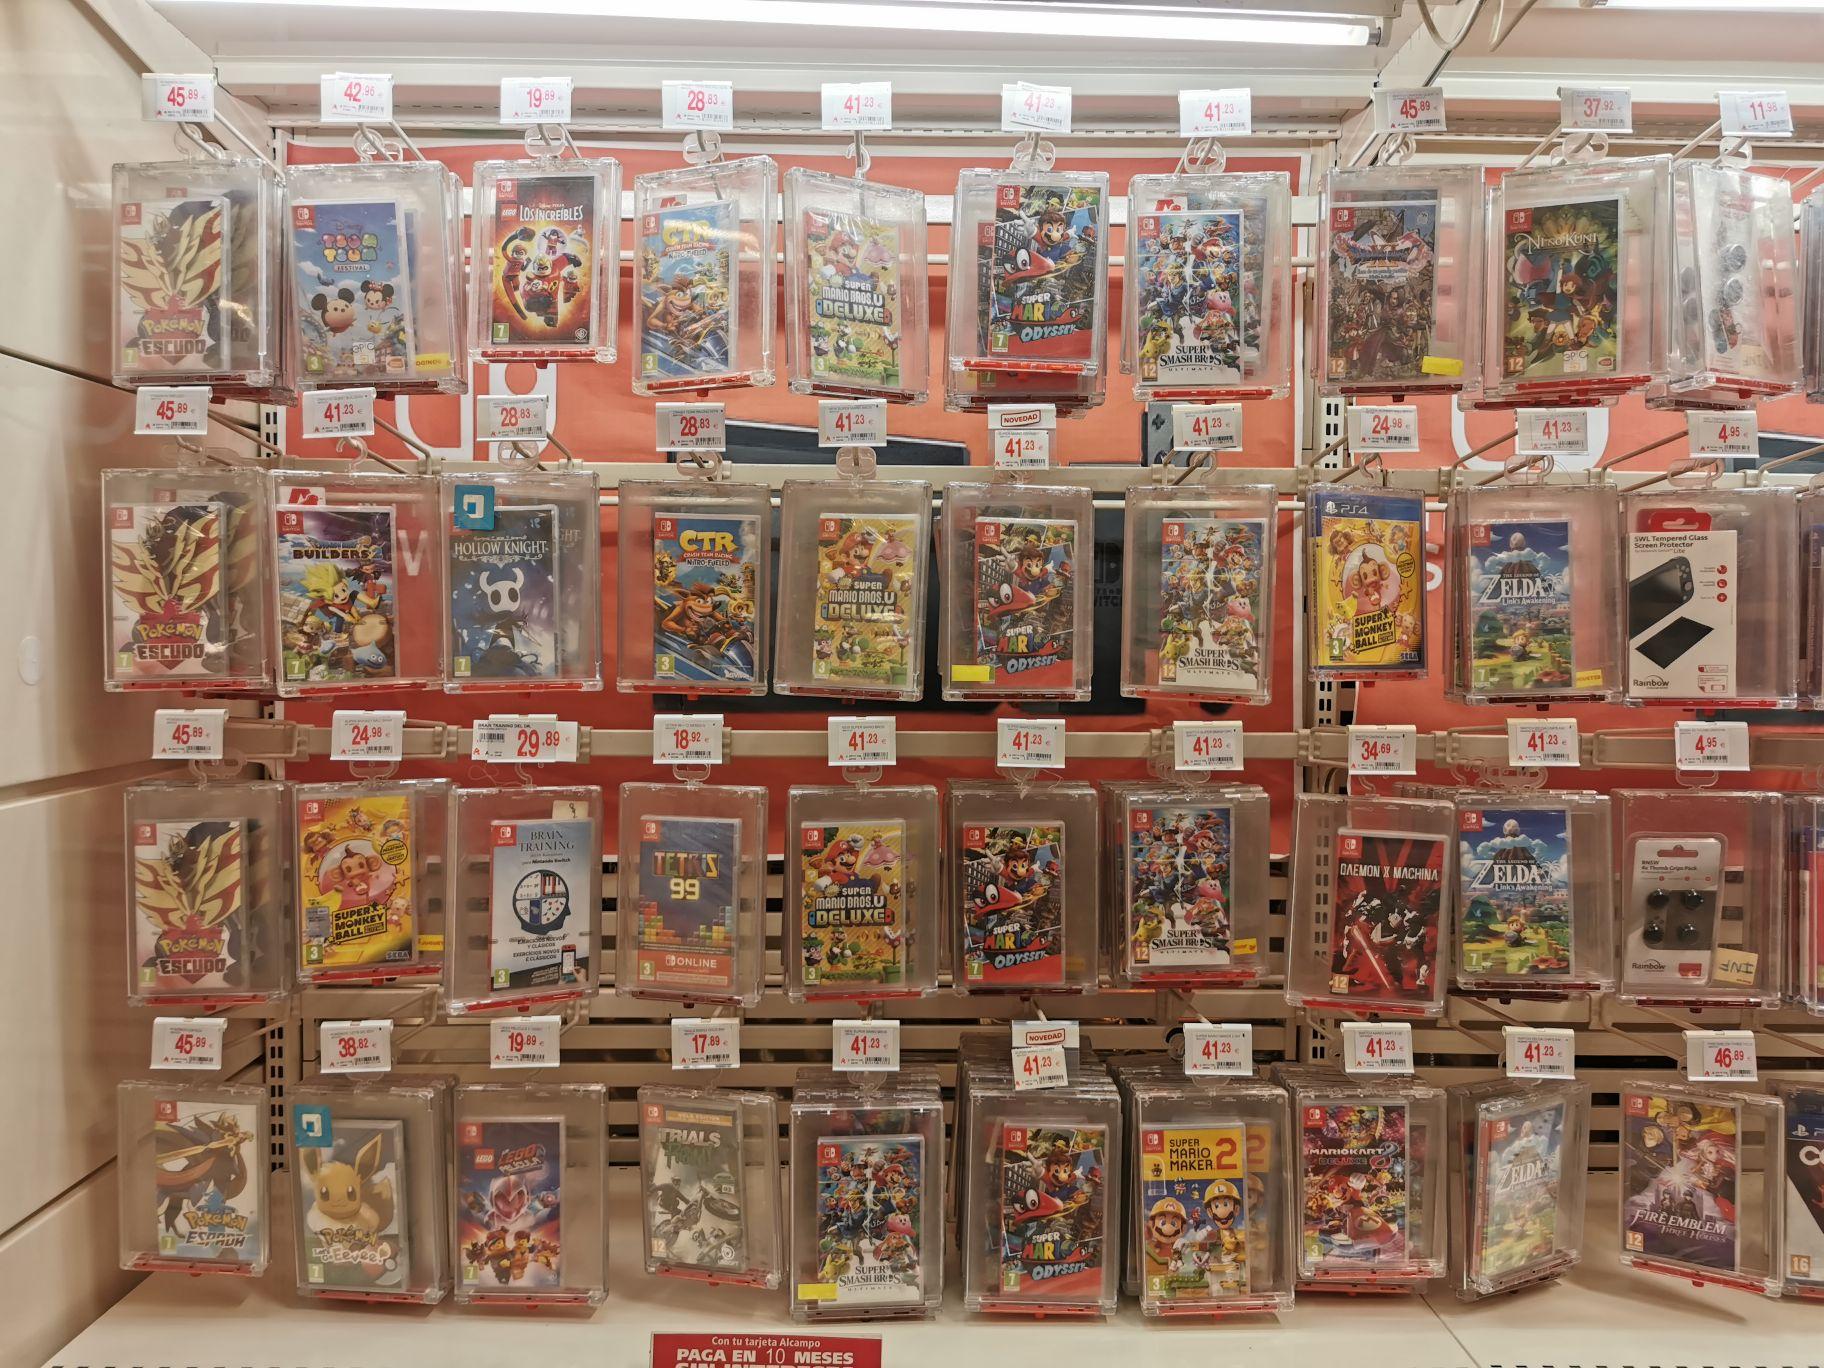 Juegos switch buen precio Alcampo utebo (Zaragoza)